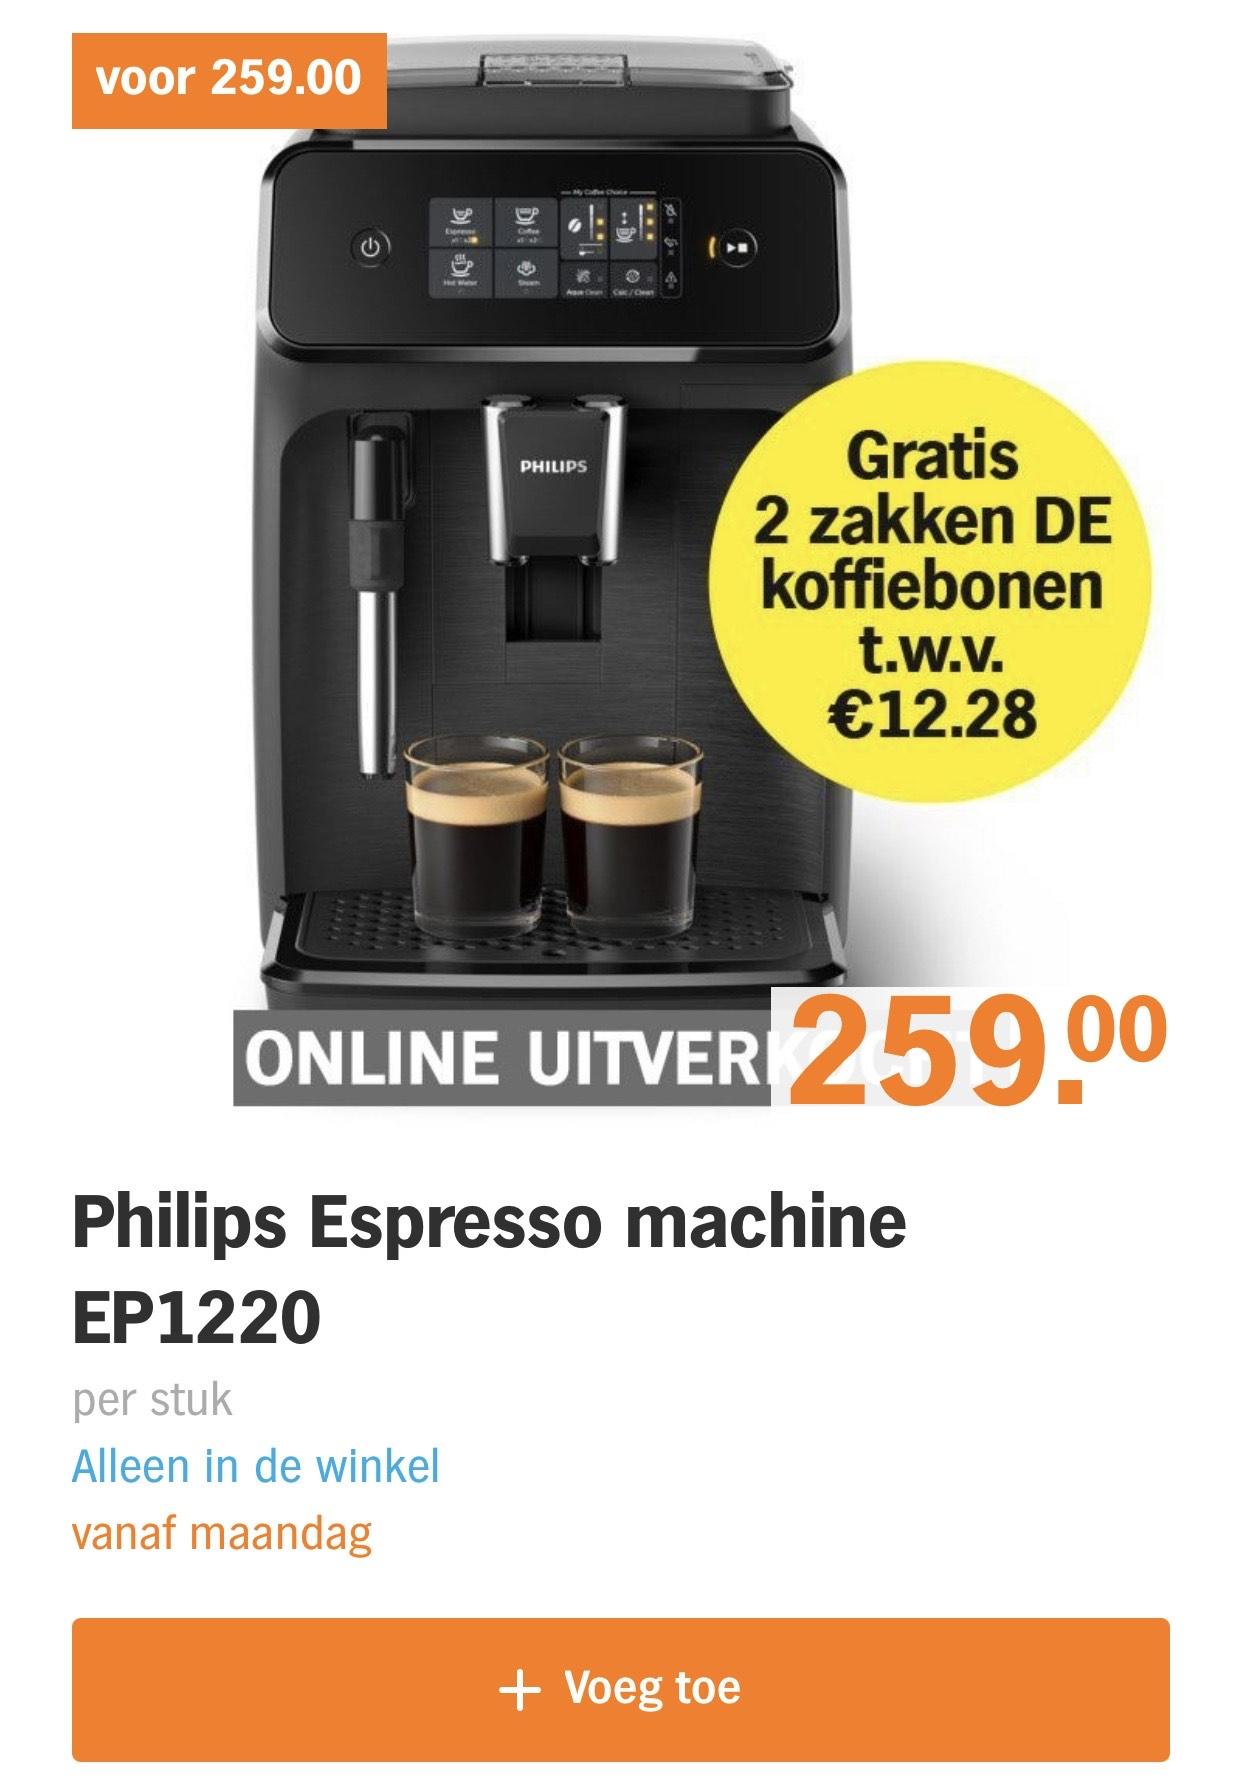 Philips espresso machine met 2 zakken DE Bonen €259 of €229 (Airmiles)